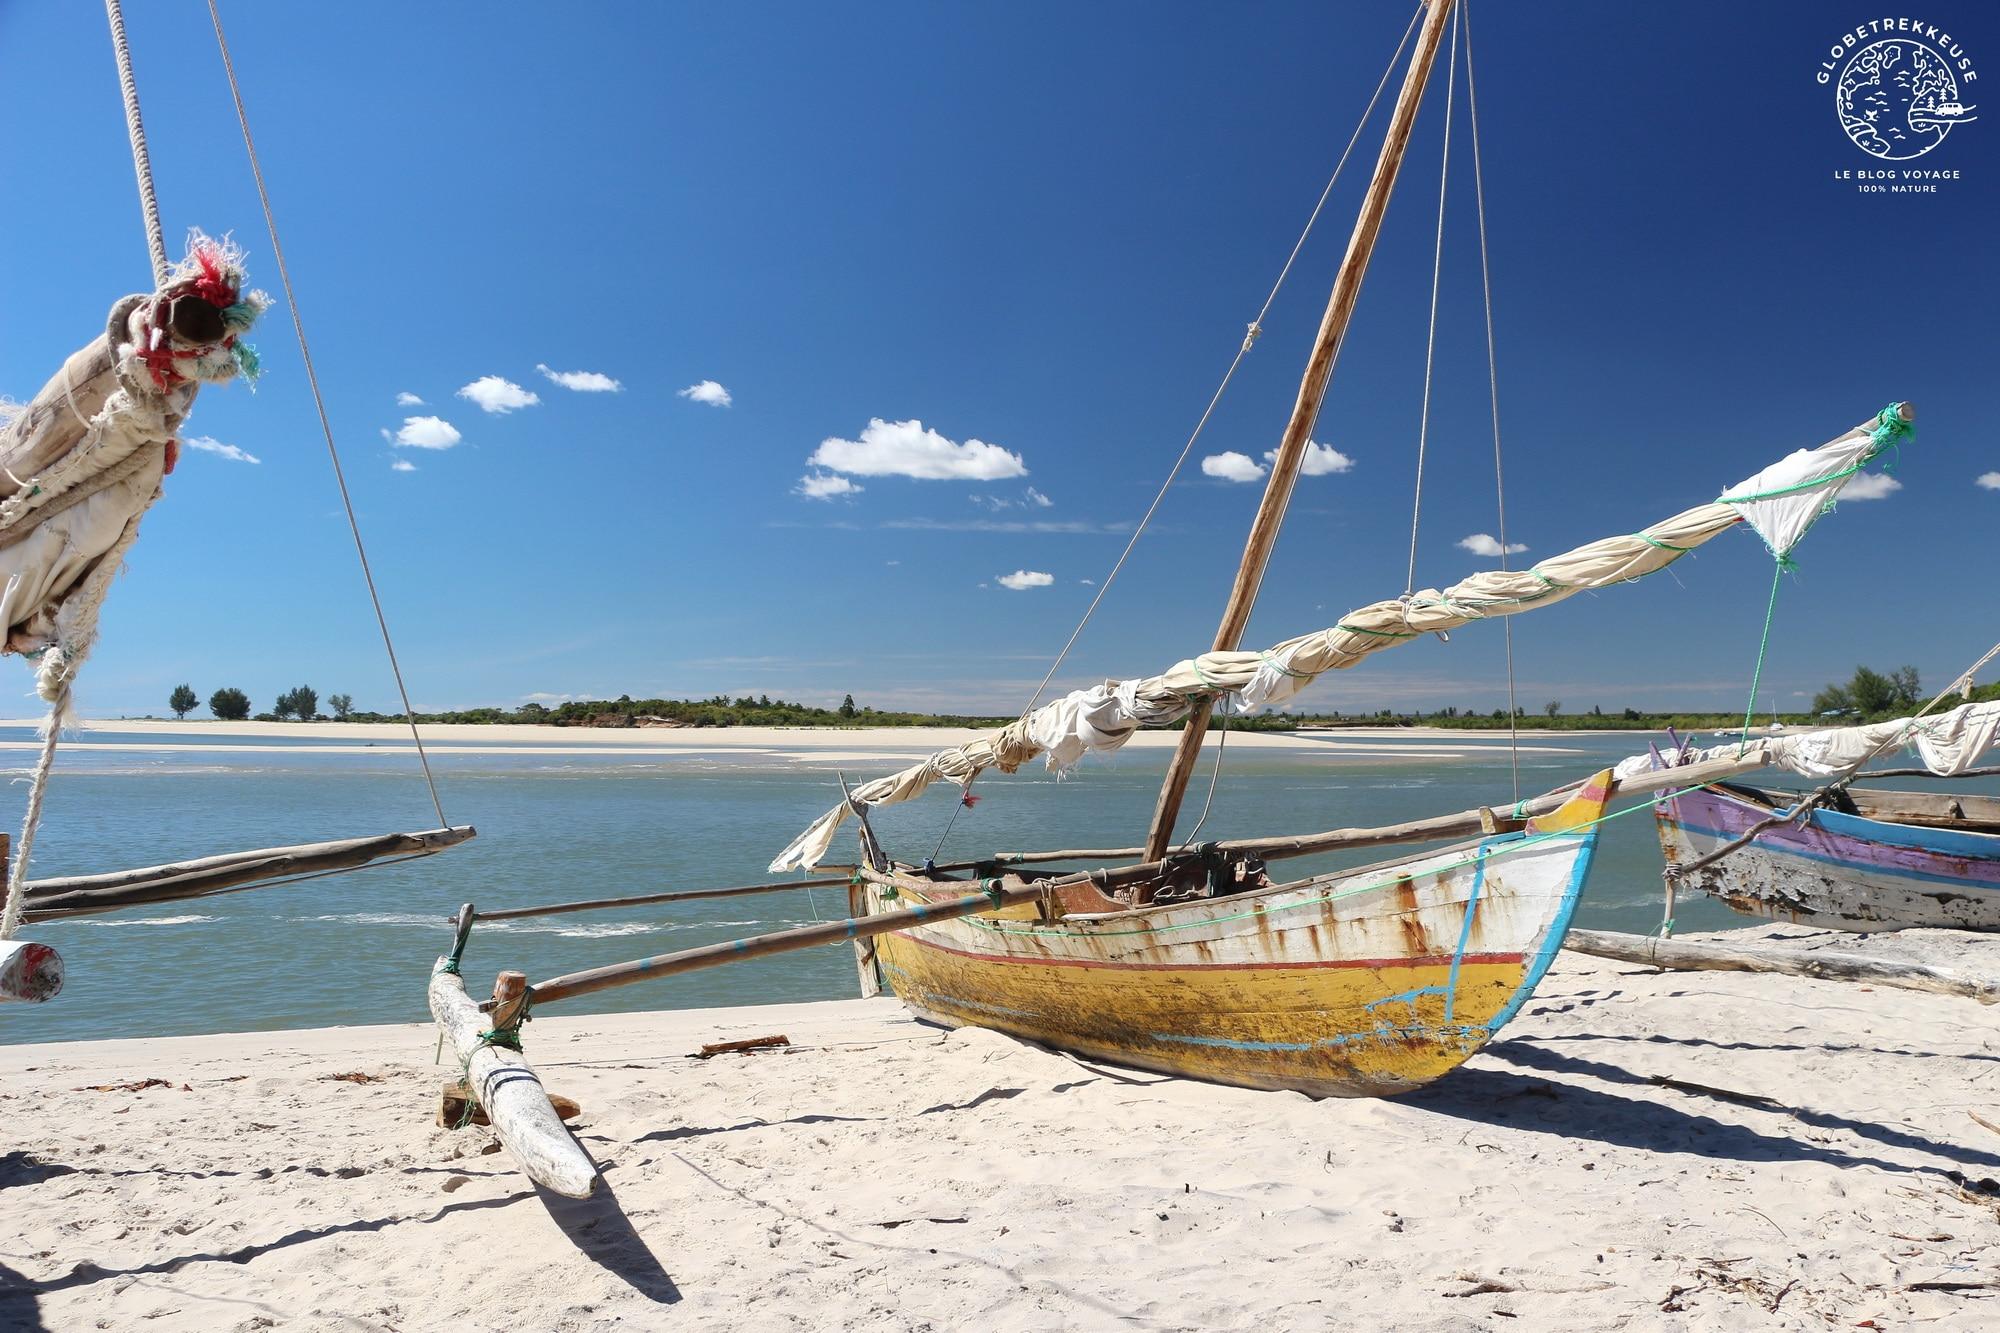 tourisme responsable a madagascar boutre